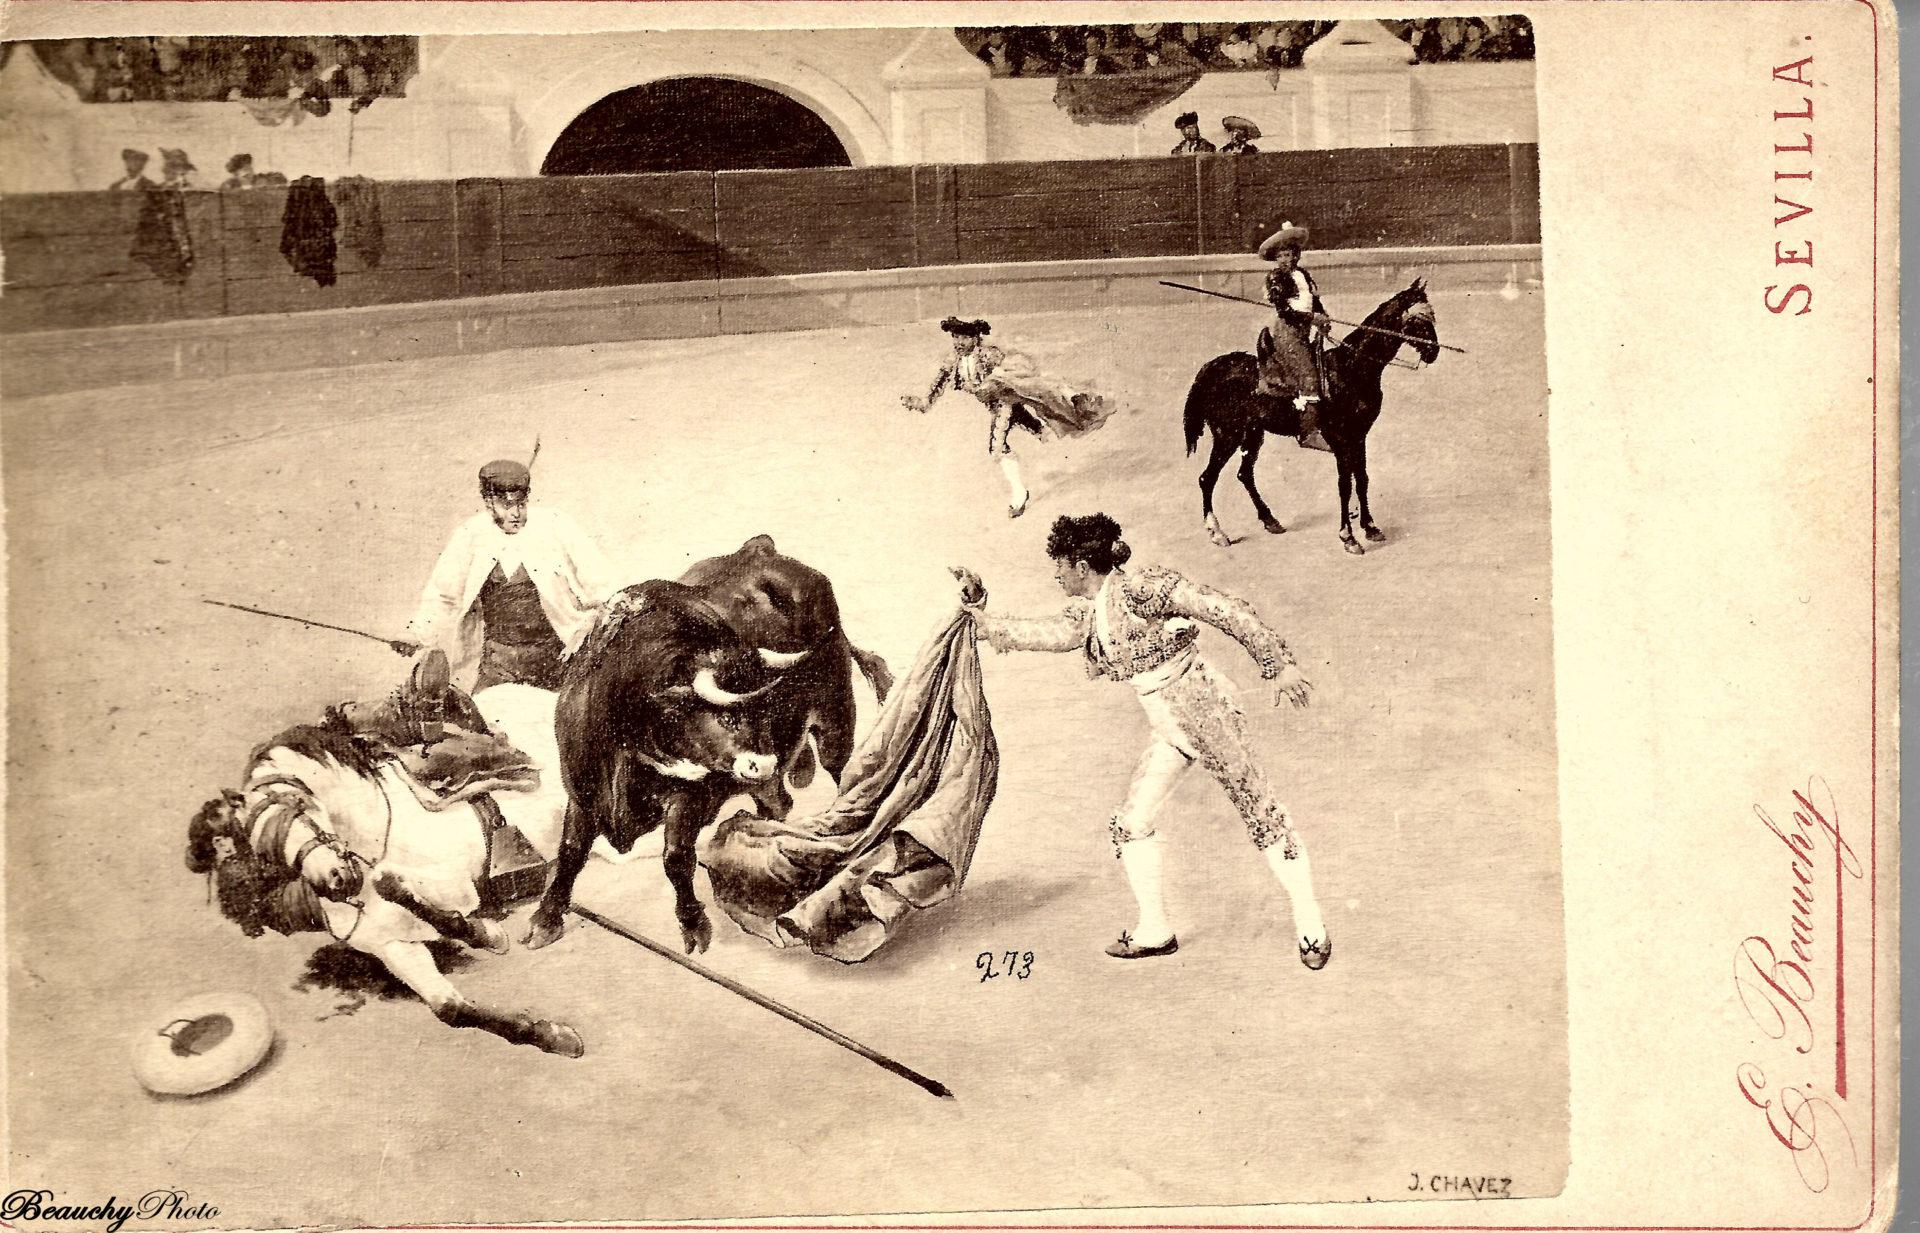 Beauchyphoto_El_Quite_Pintura_de_J_Chavez_Emilio_Beauchy_Cano_fotografias_antiguas_postales_cuadros